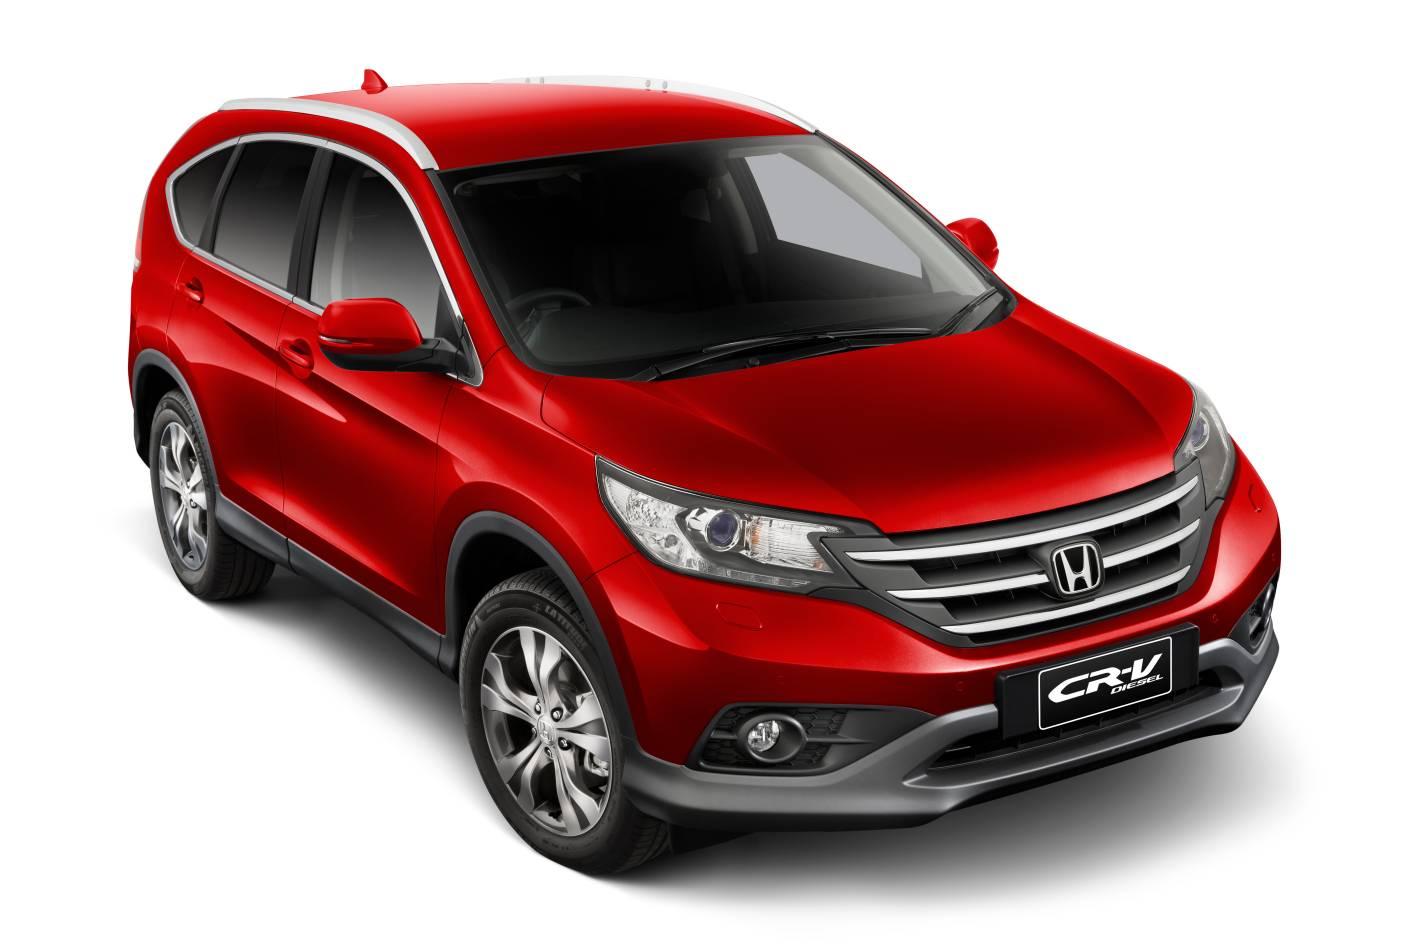 Honda Cars - News: Diesel Variant to join CR-V Range